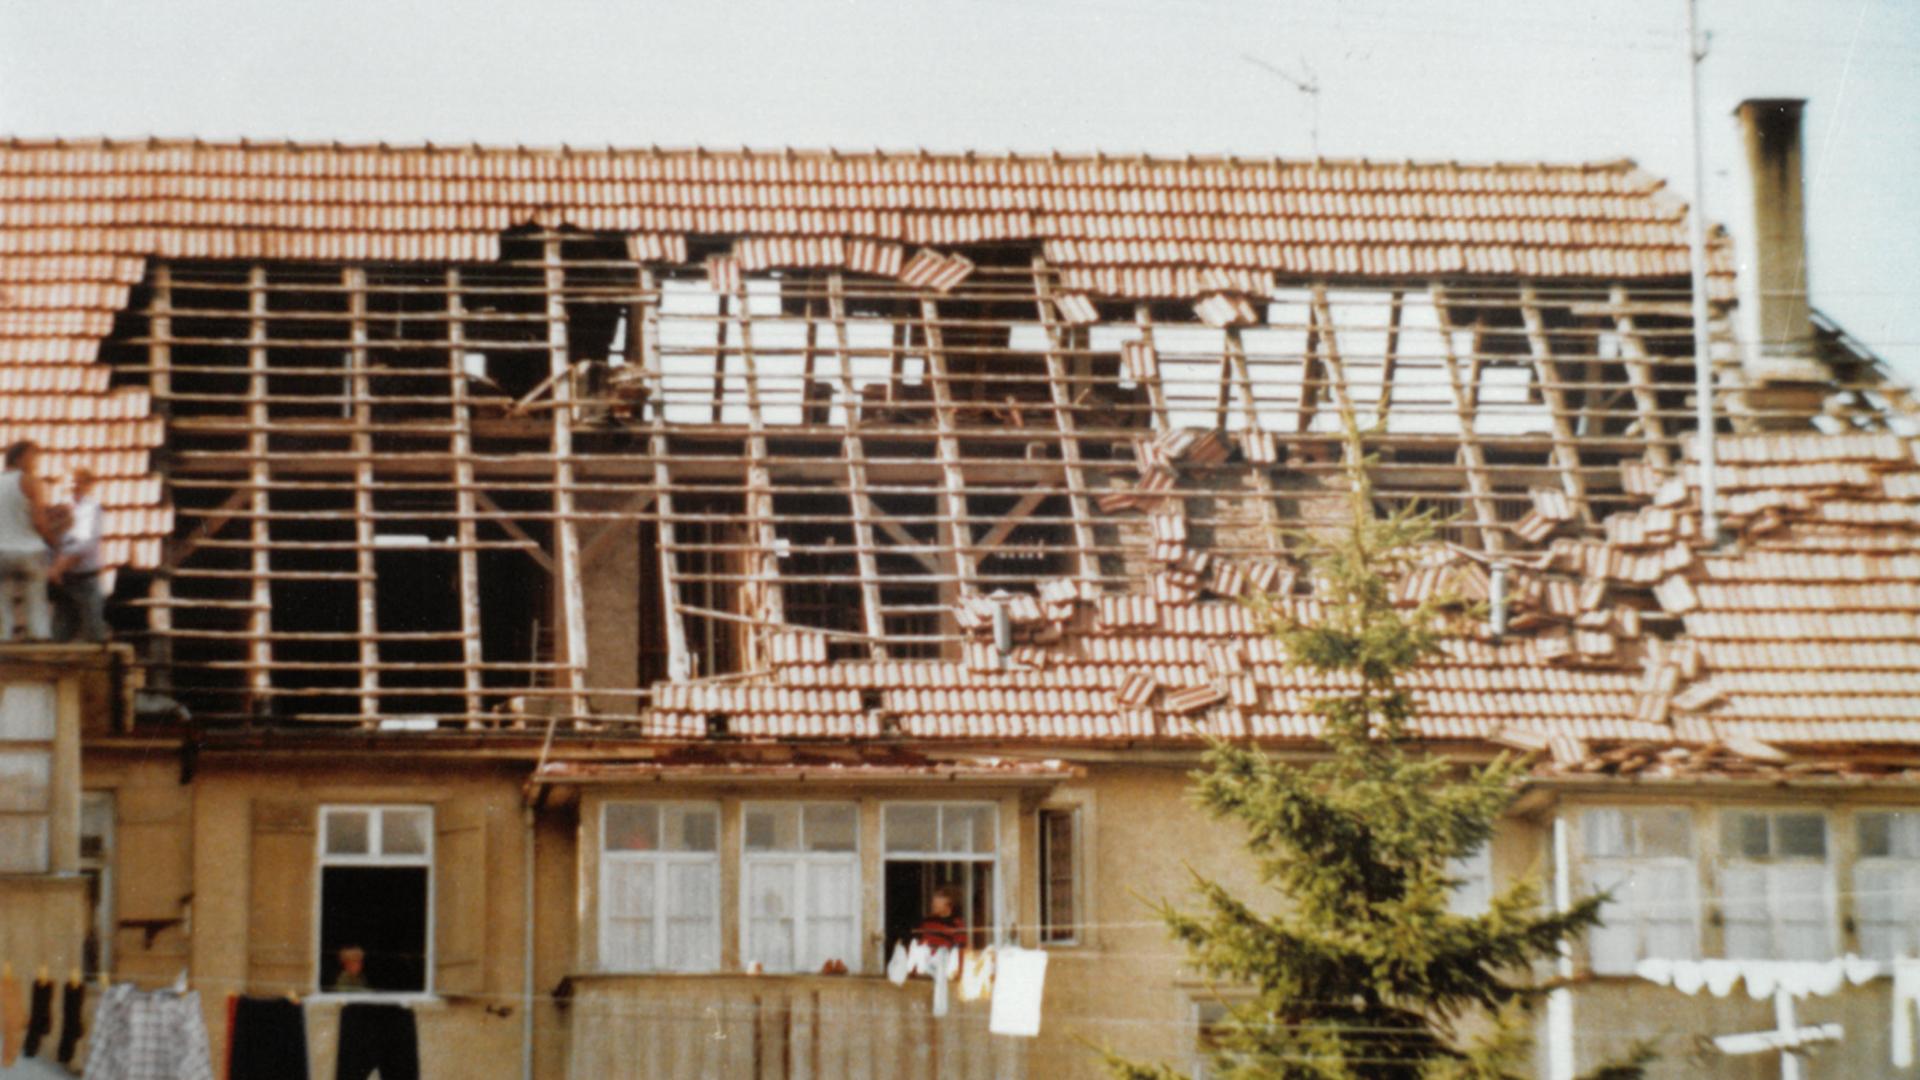 Abgedecketes Hausdach